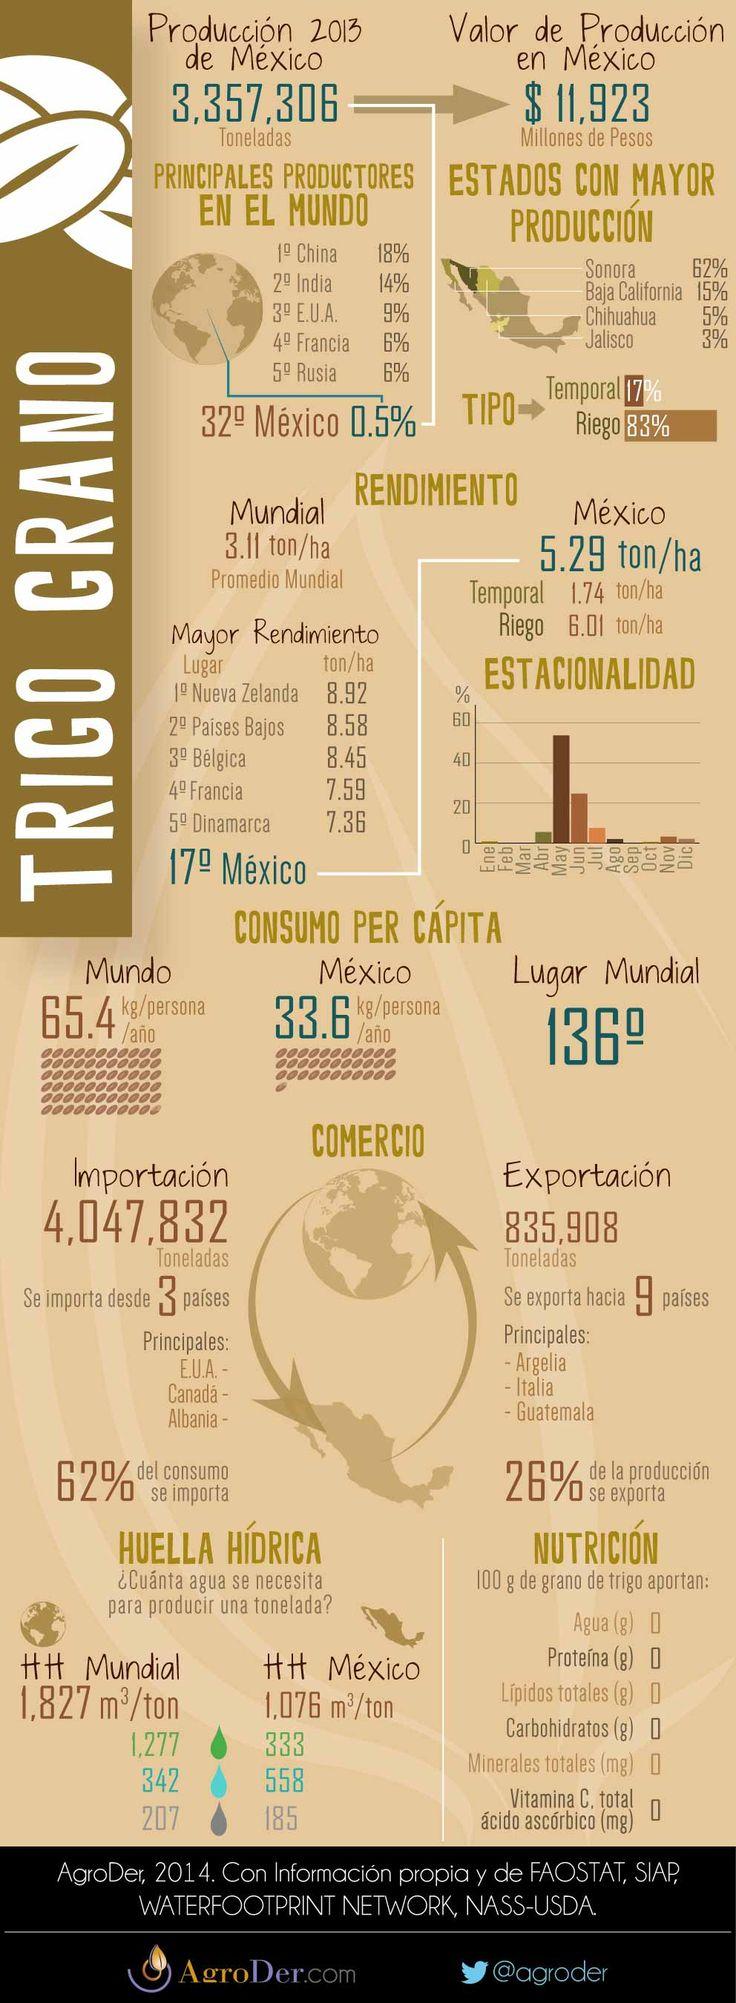 Infografía - Trigo en México, 2013.